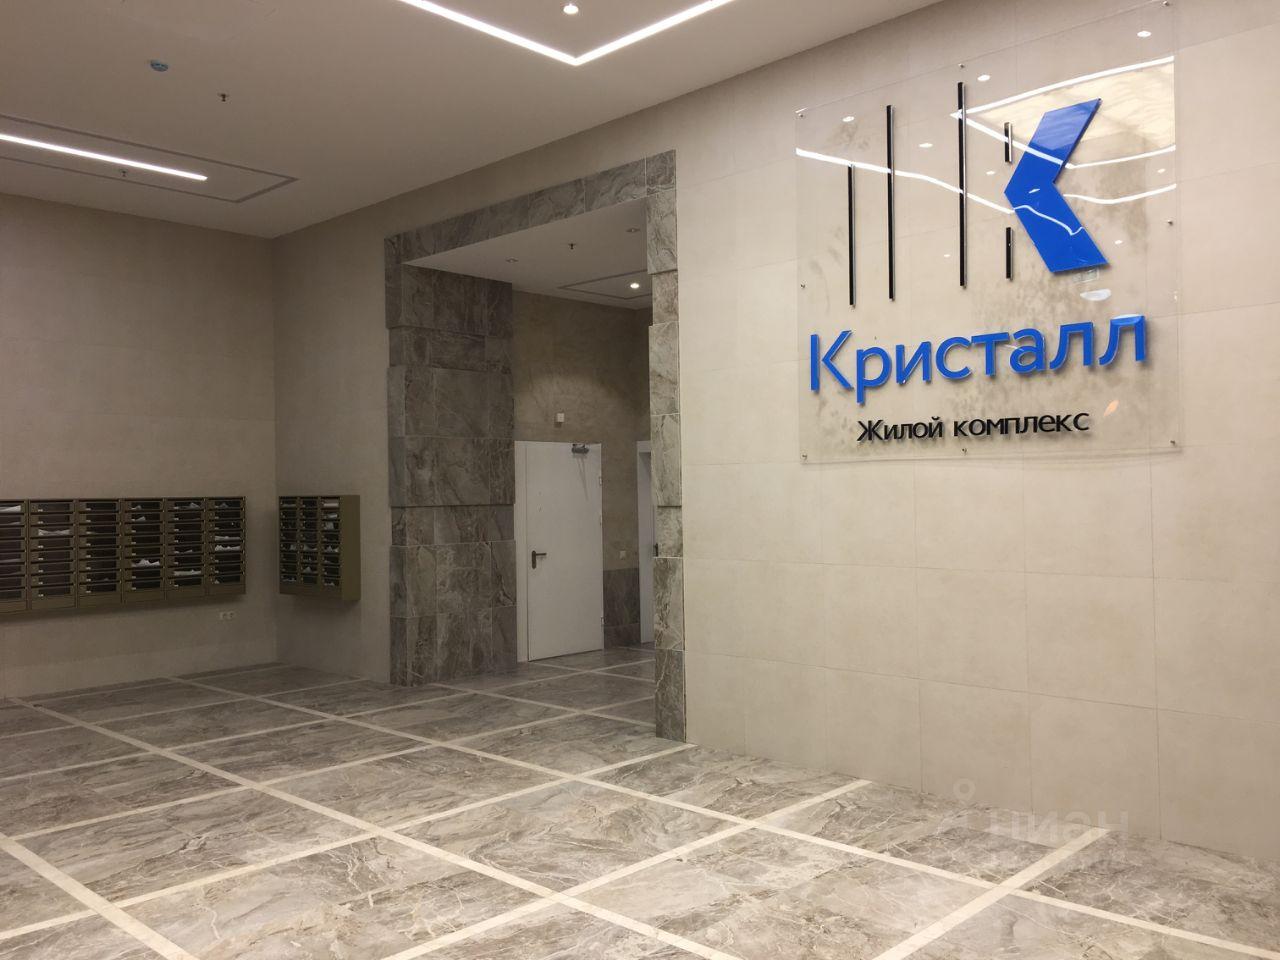 продается однокомнатная квартира город Москва, метро Речной вокзал, Смольная улица, д. 49